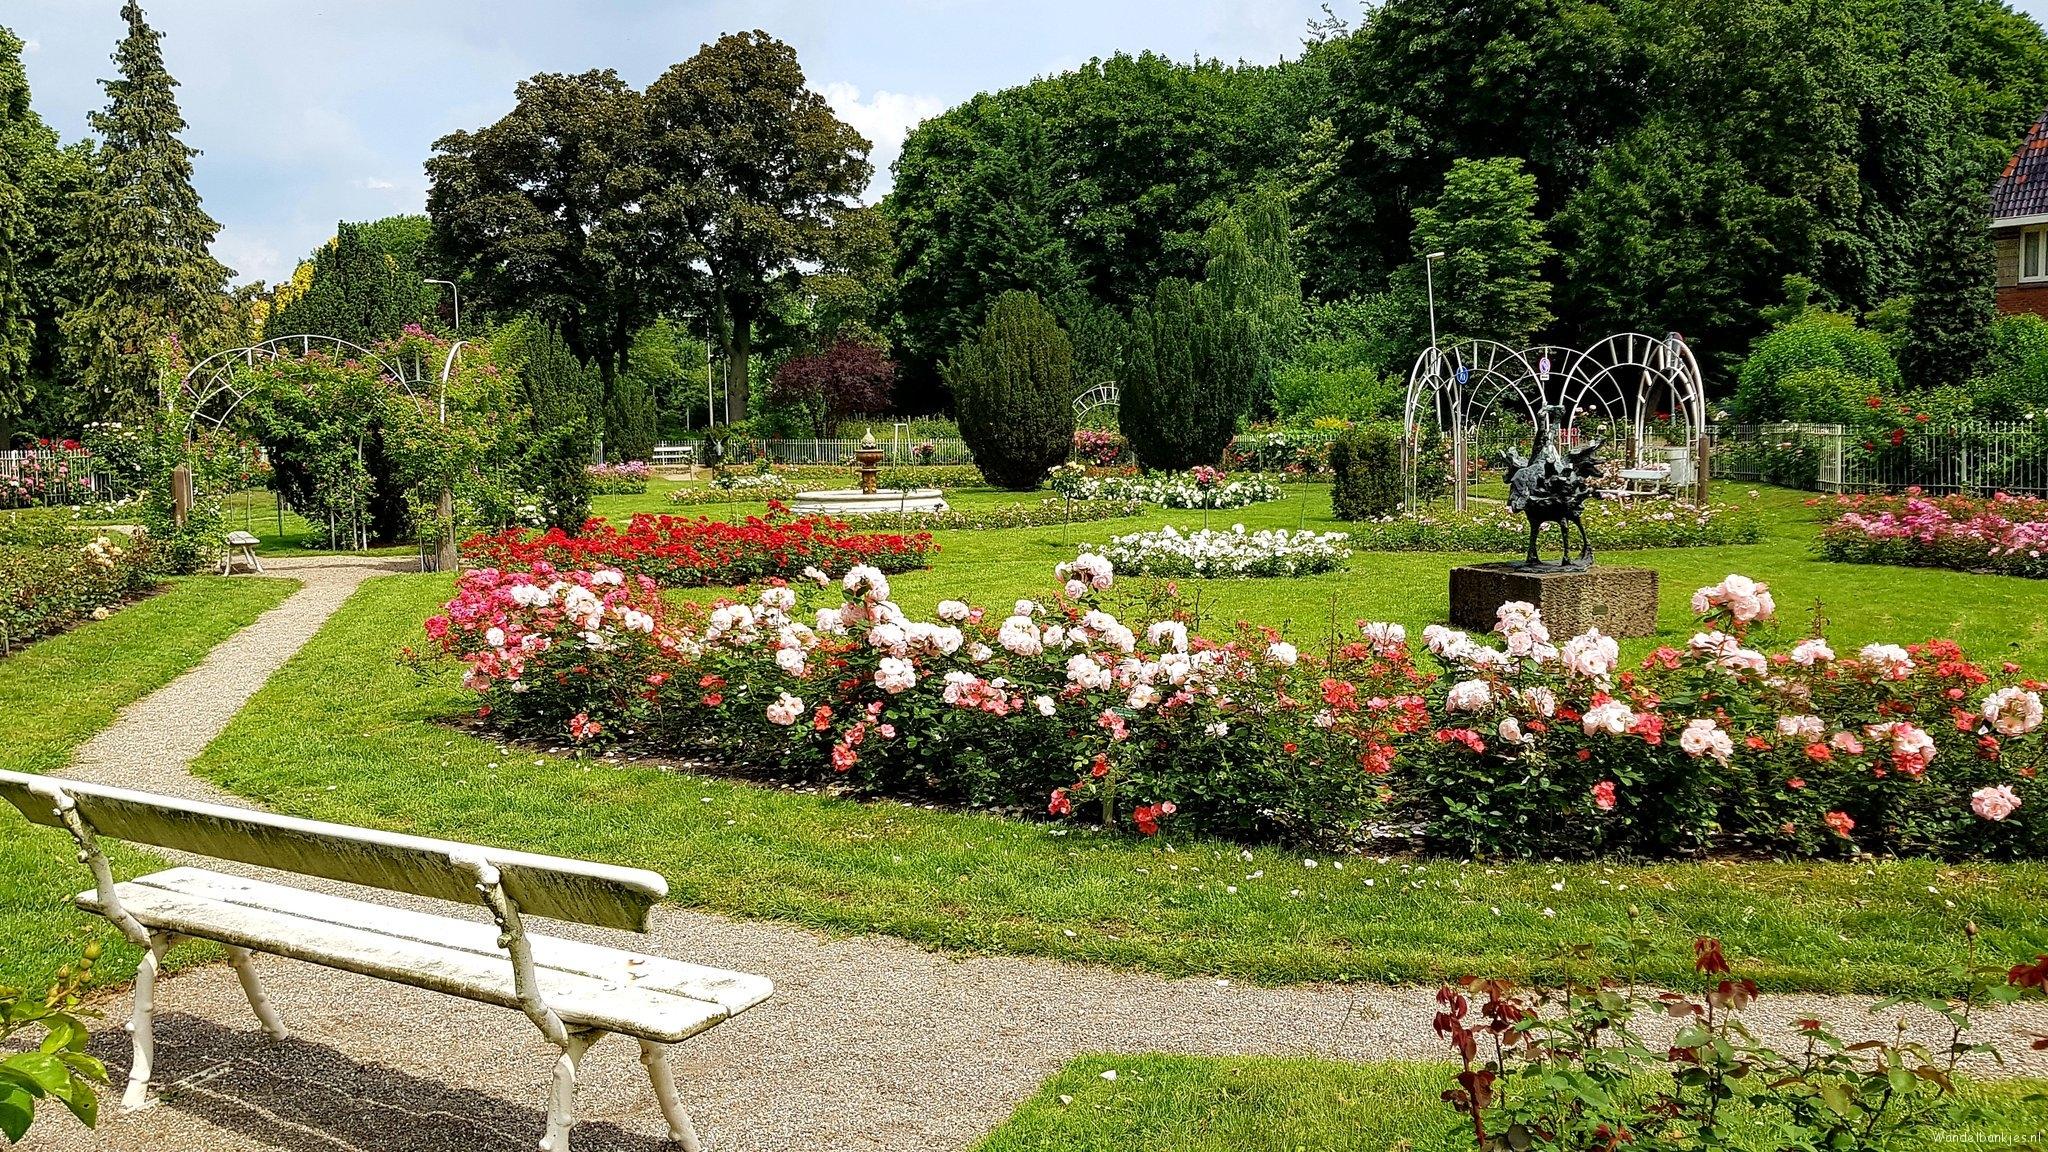 rt-wolfswandelplan-rosarium-in-utrecht-walking-benches-https-t-co-cjbnlnxi7q